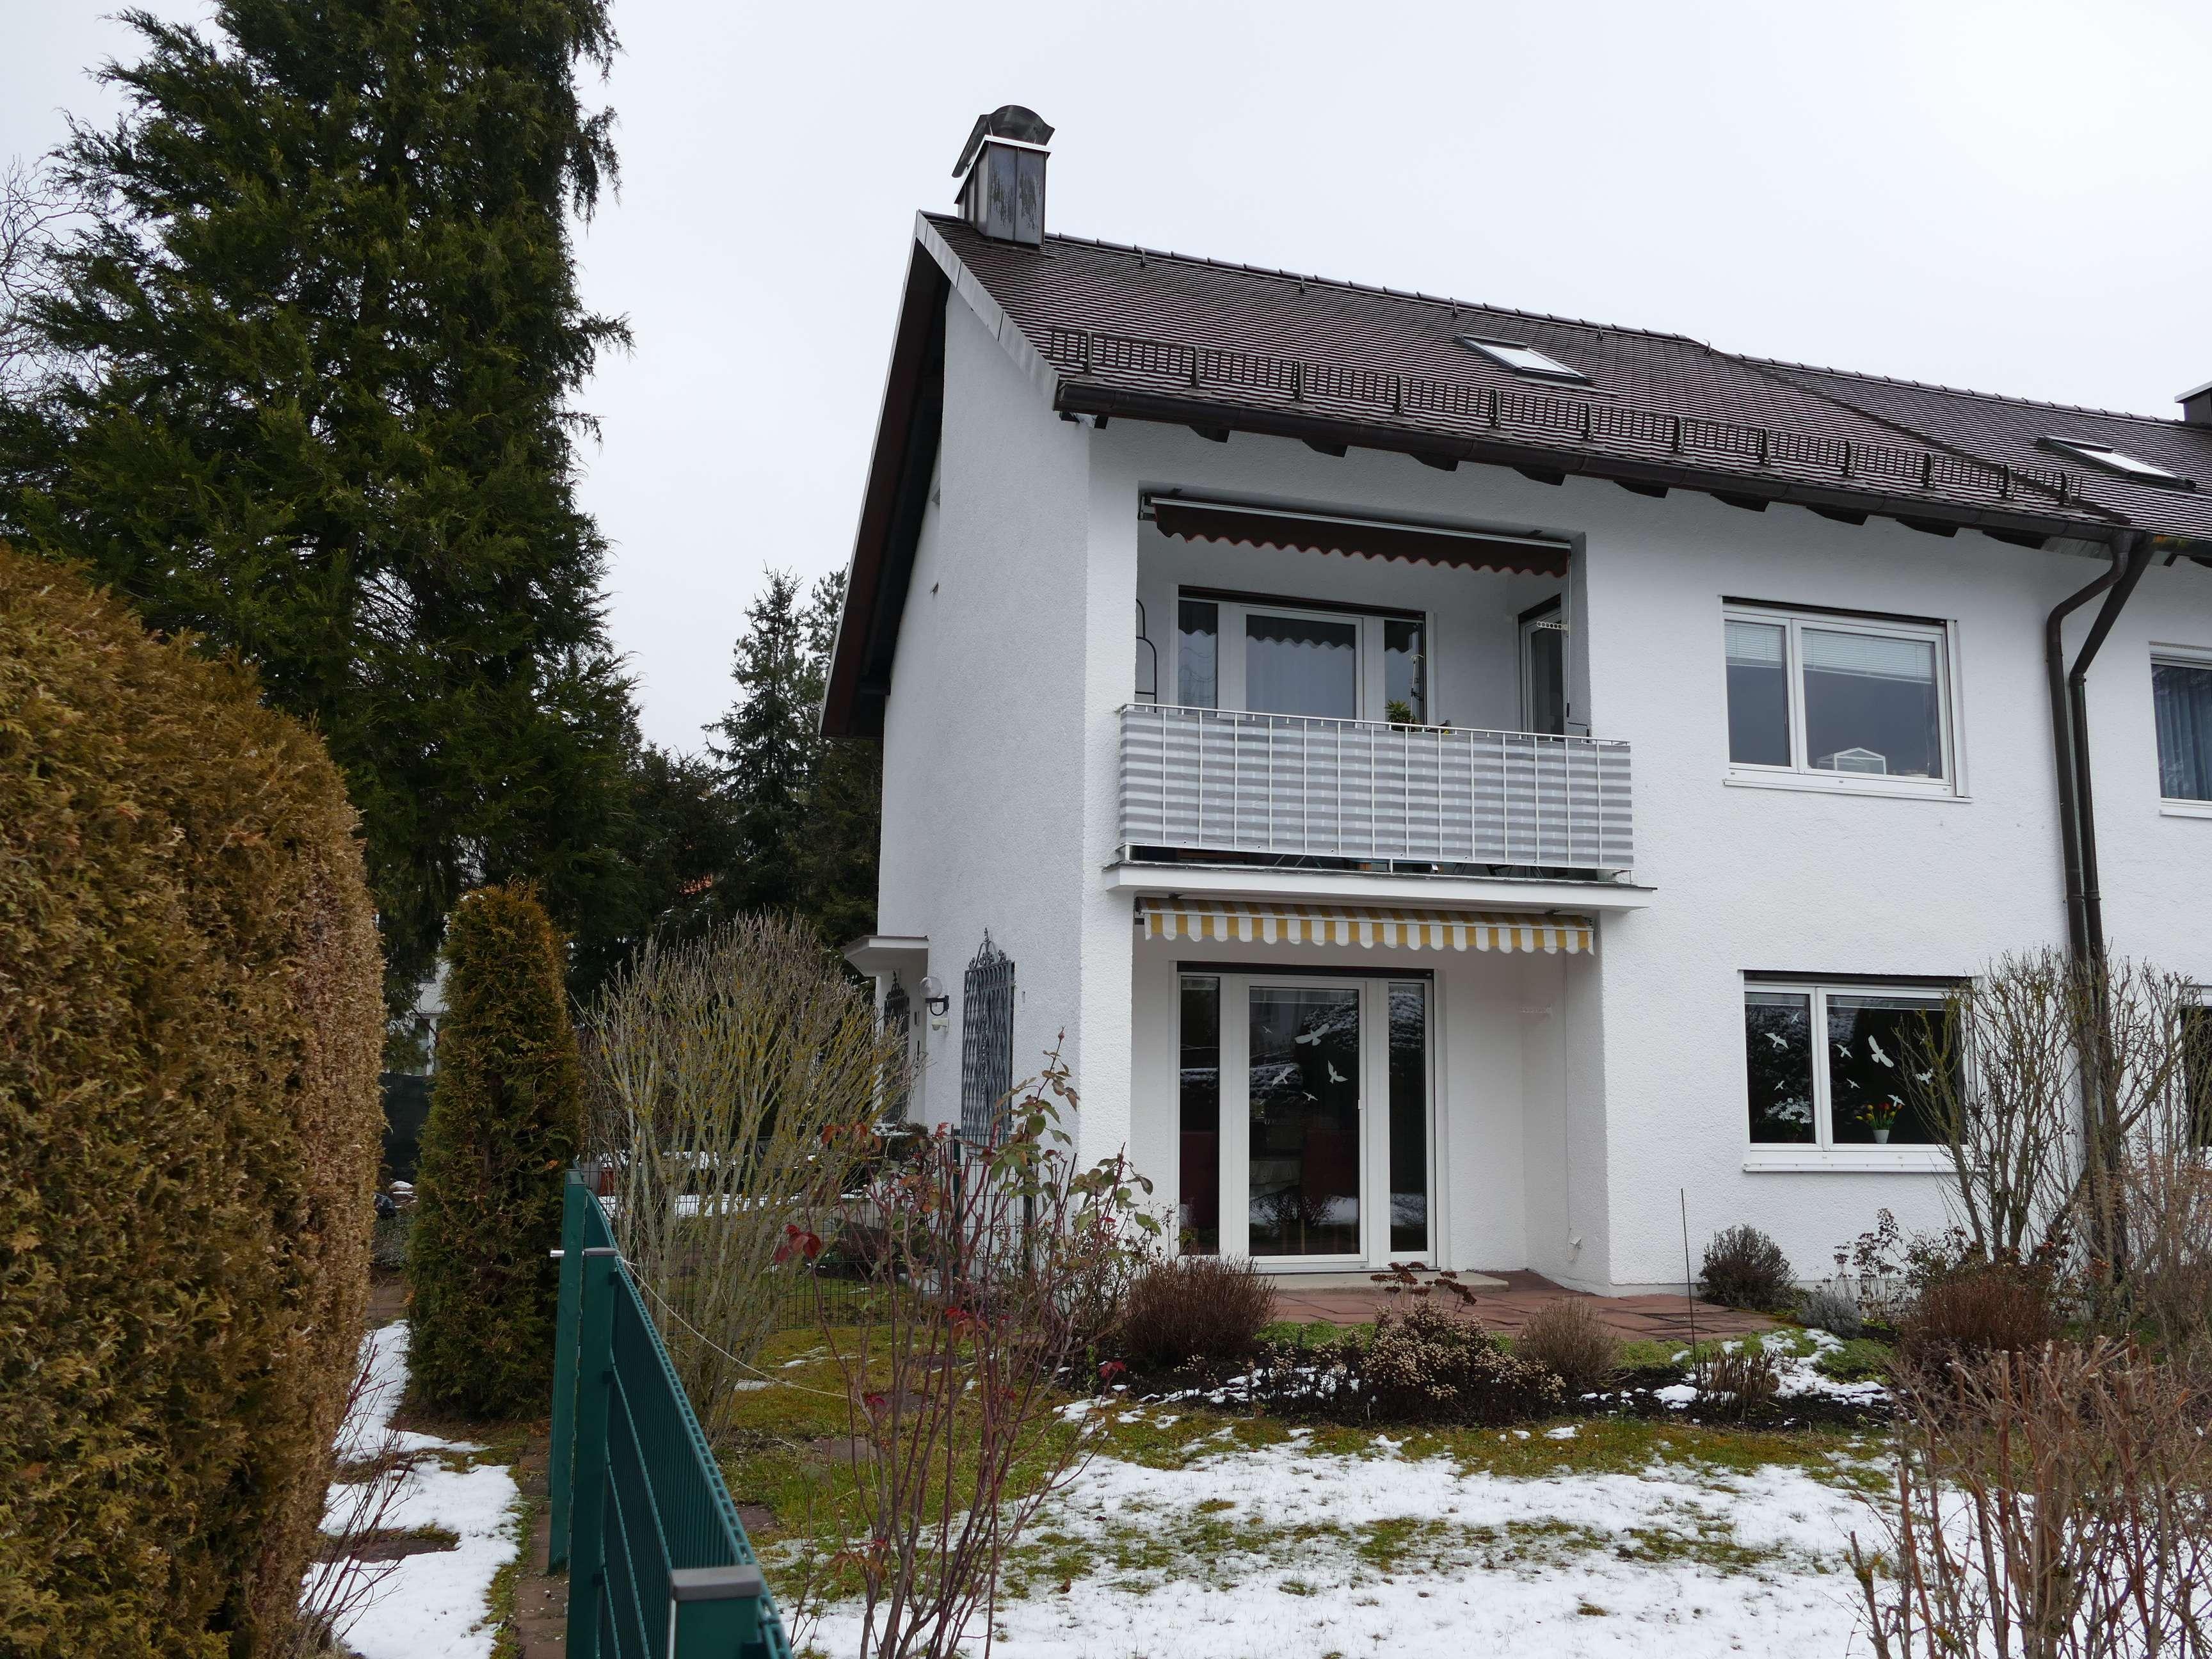 BEFRISTET: Gepflegte 3-Zi.-Whg. mit Balkon, Einbauküche und Gartenanteil in DHH in   Mü-Pasing in Pasing (München)